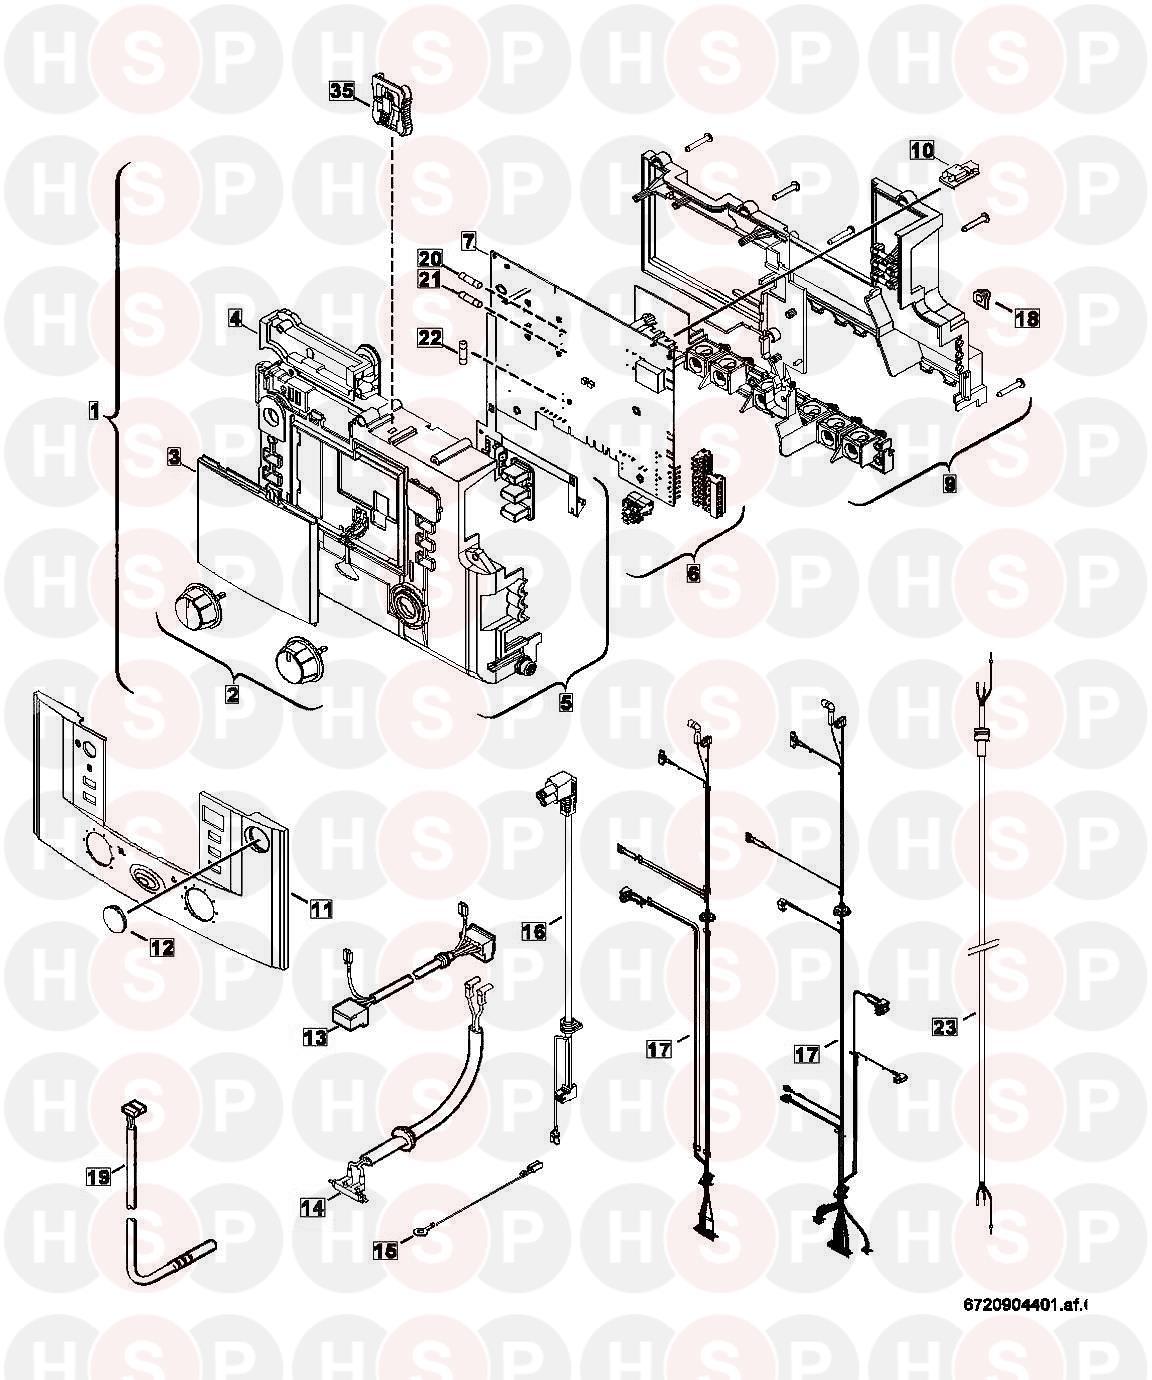 Worcester GREENSTAR 30 CDI CLASSIC REGULAR ErP Appliance